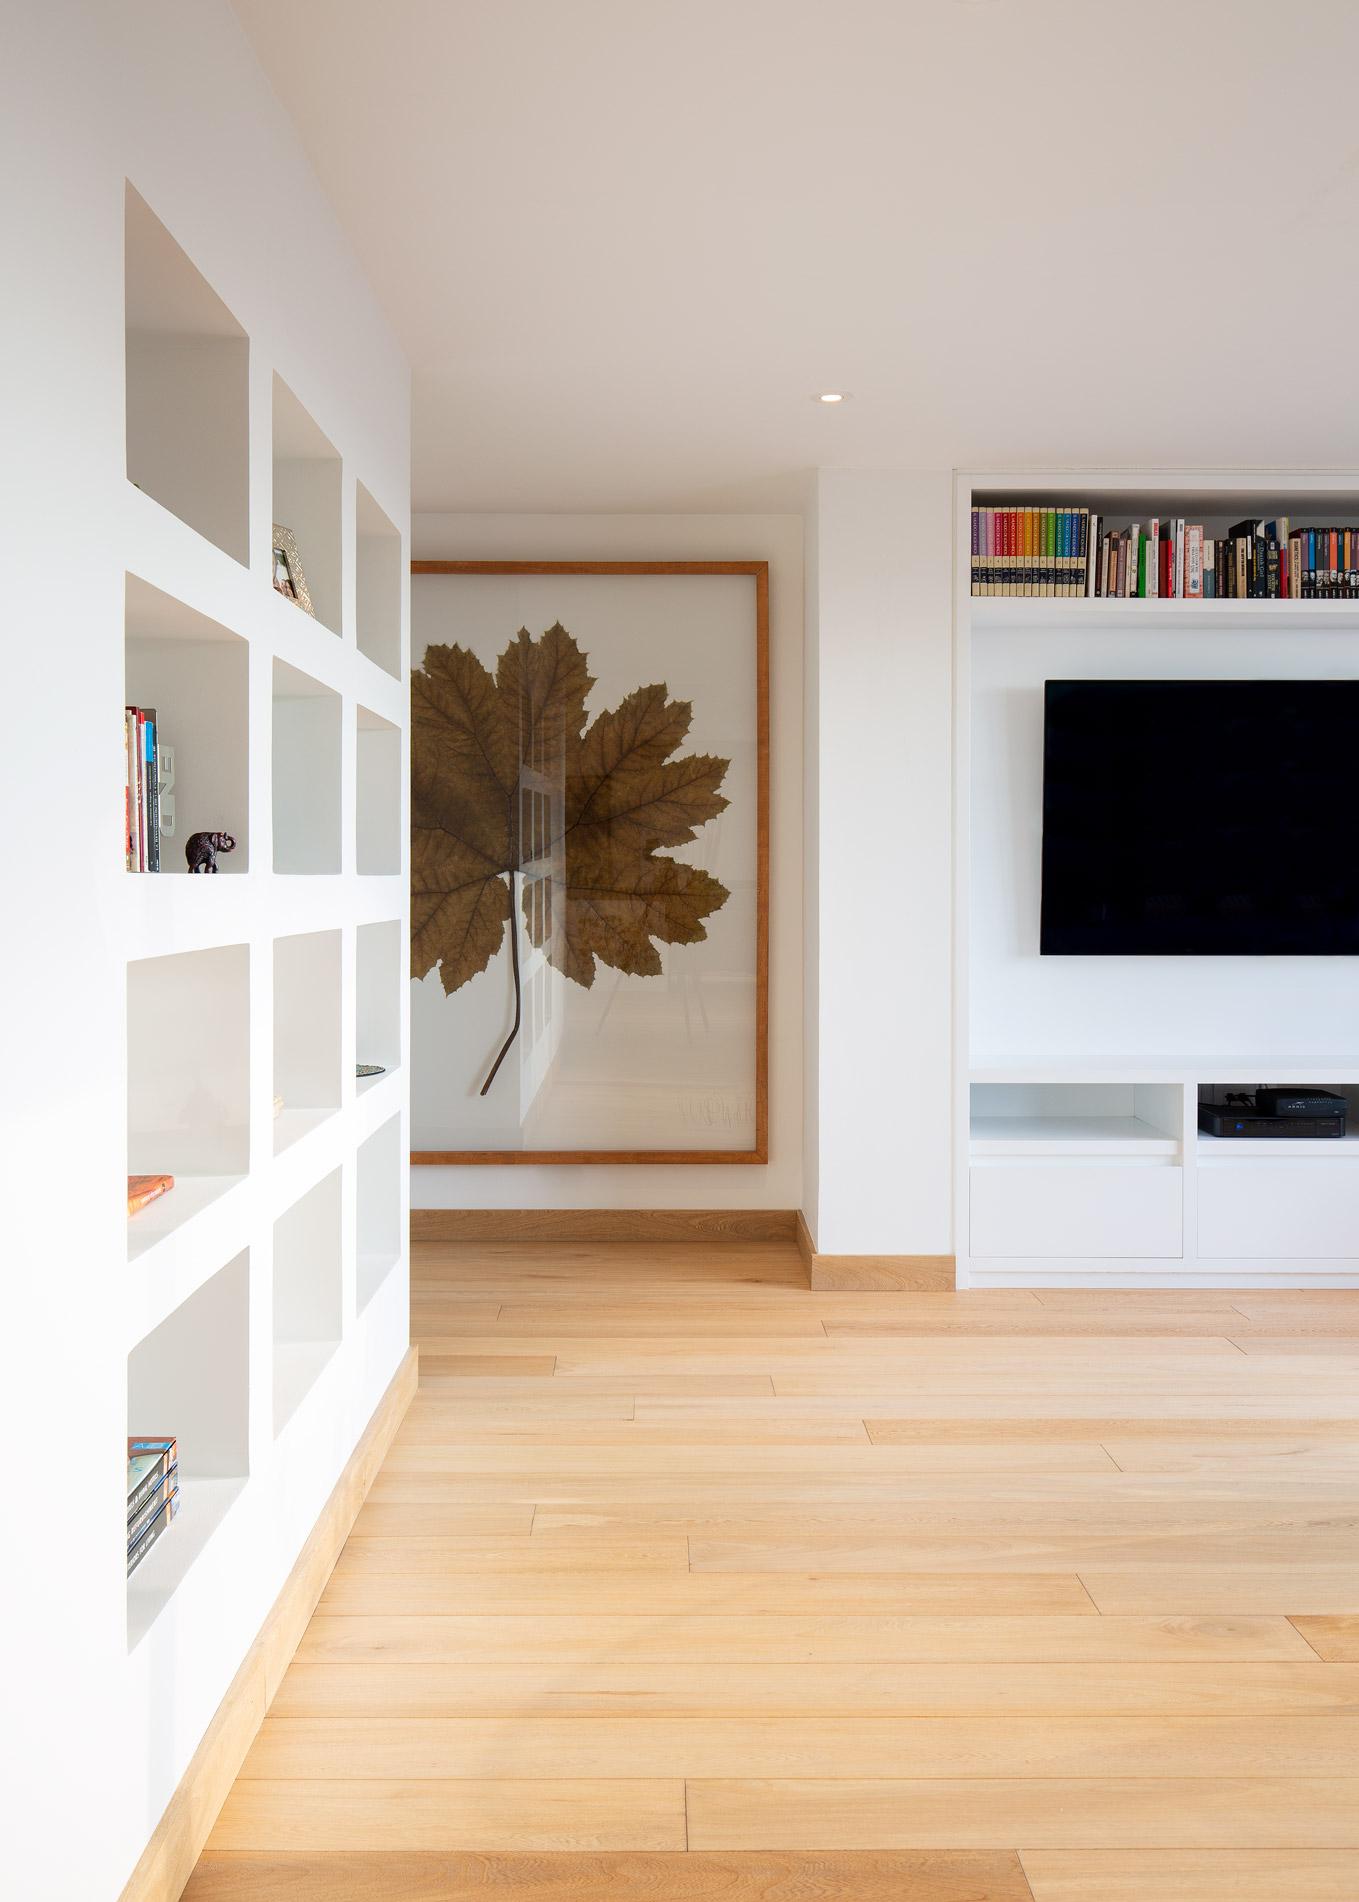 01.studiomanrique.simonbosch.photography.bogota.interior.duquearquitectura